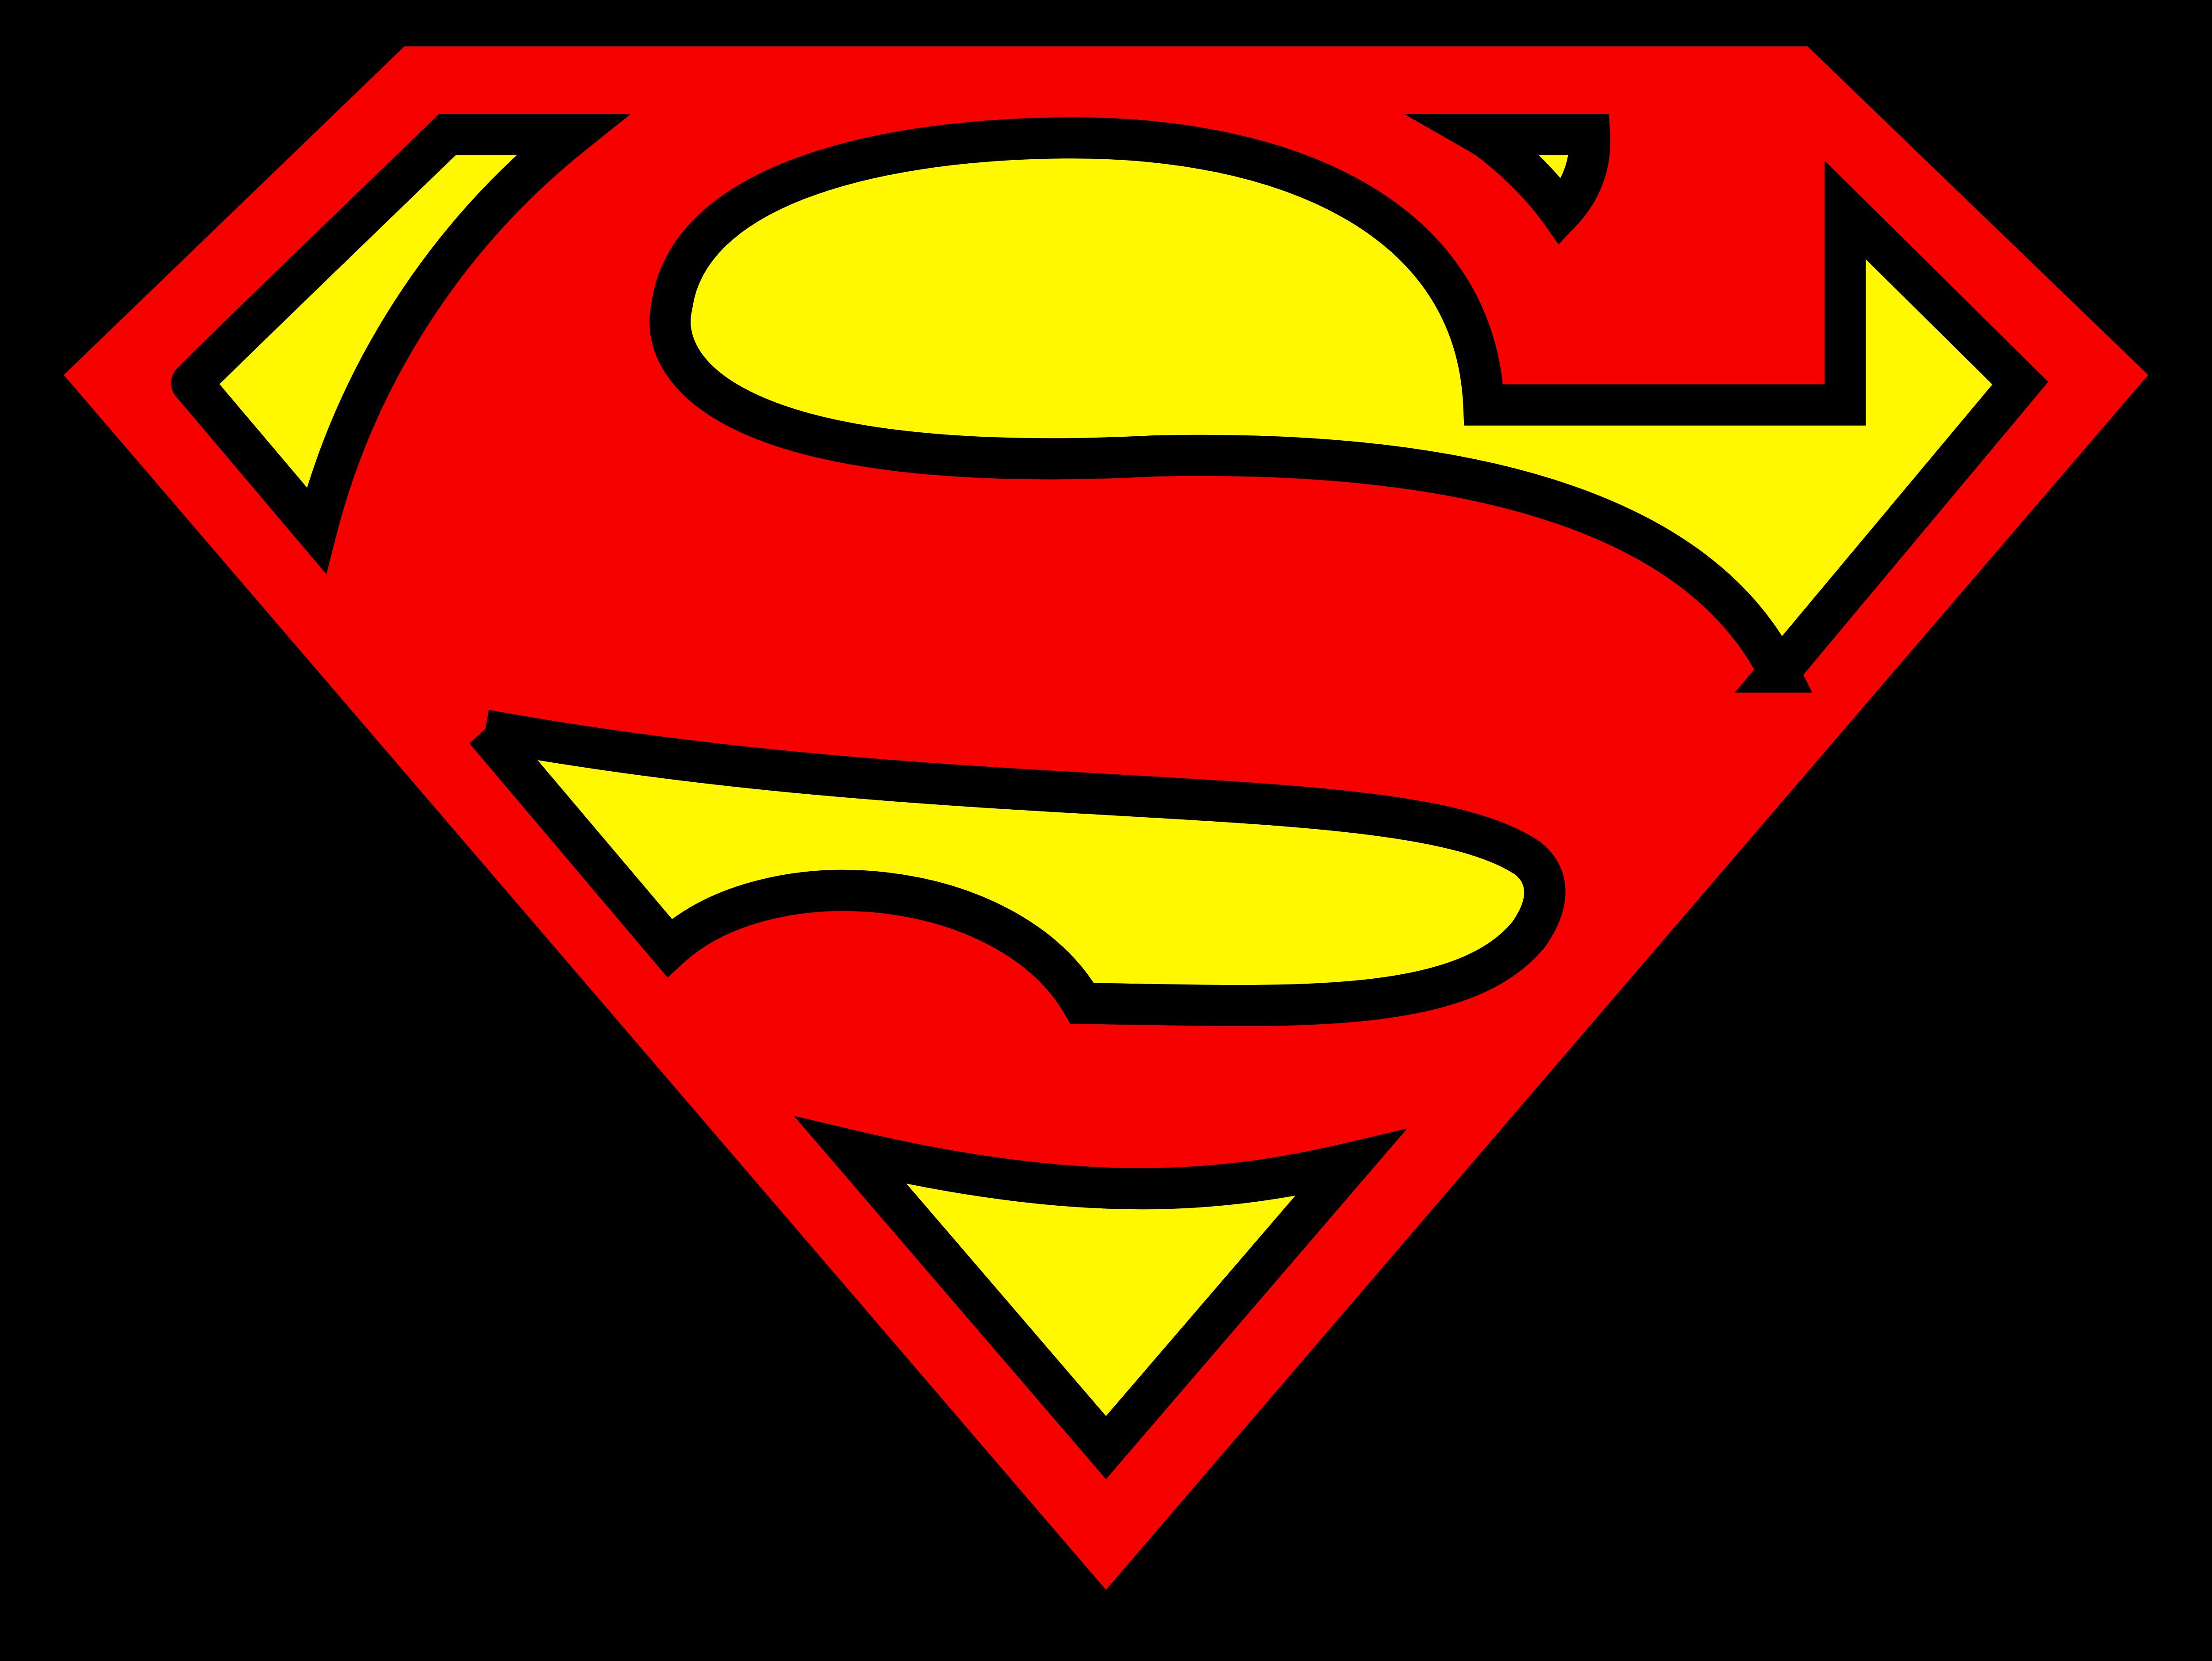 Superman - Logos Download